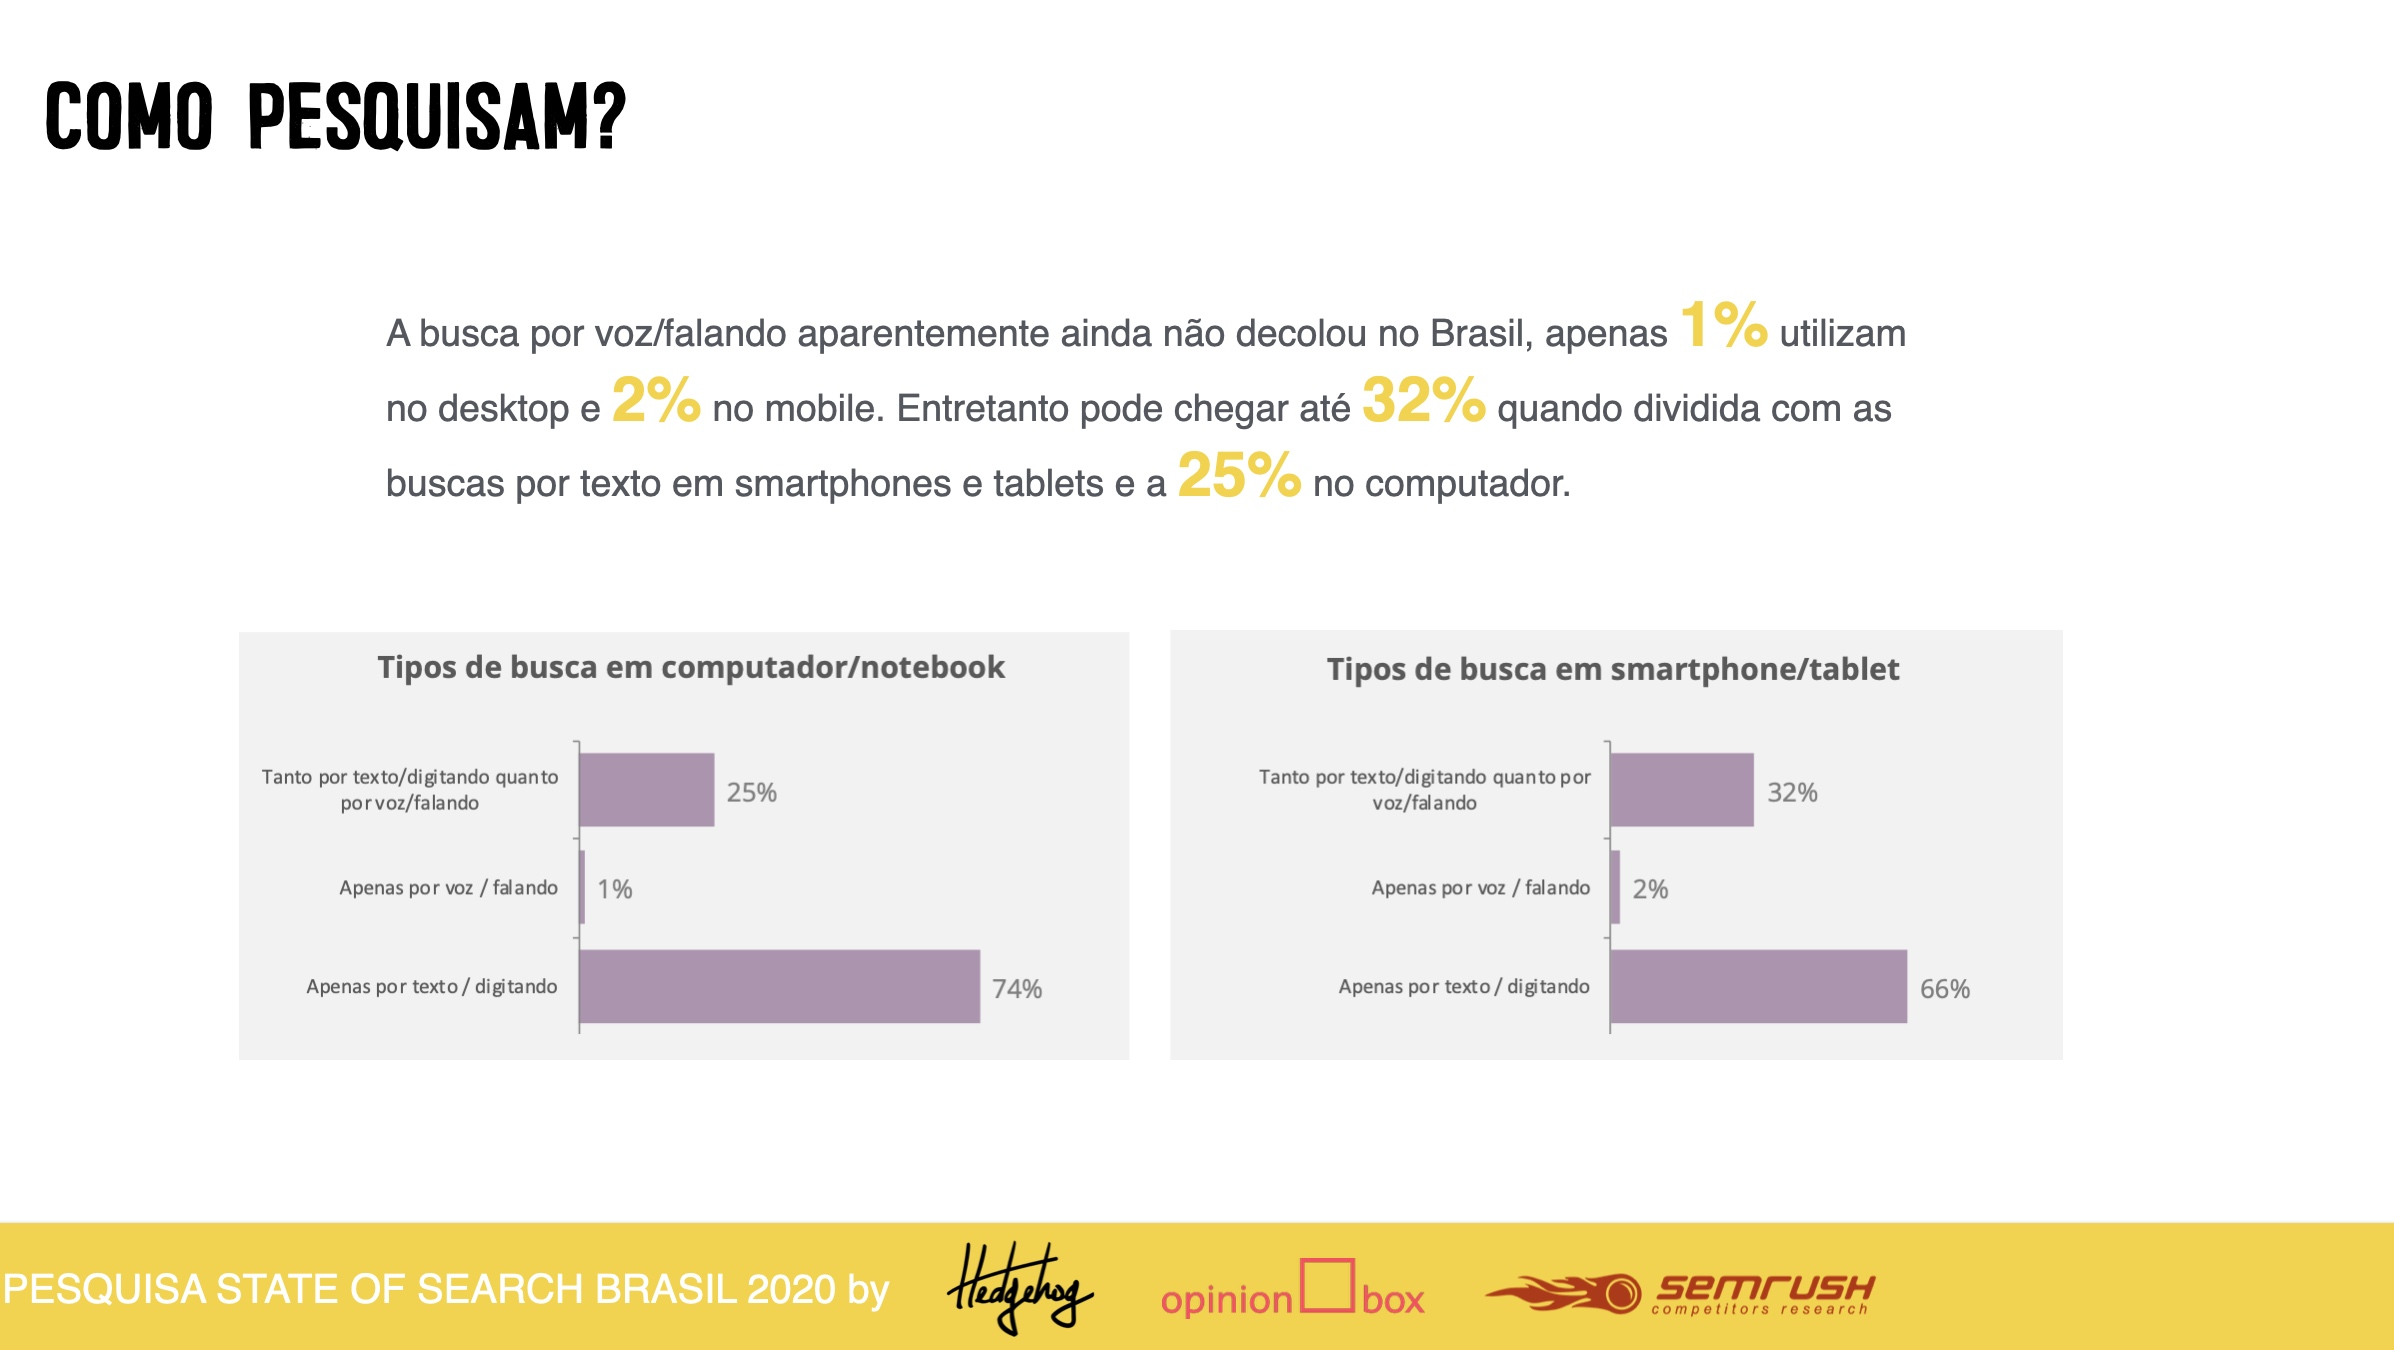 gráfico com dados sobre a forma como o brasileiro pesquisa